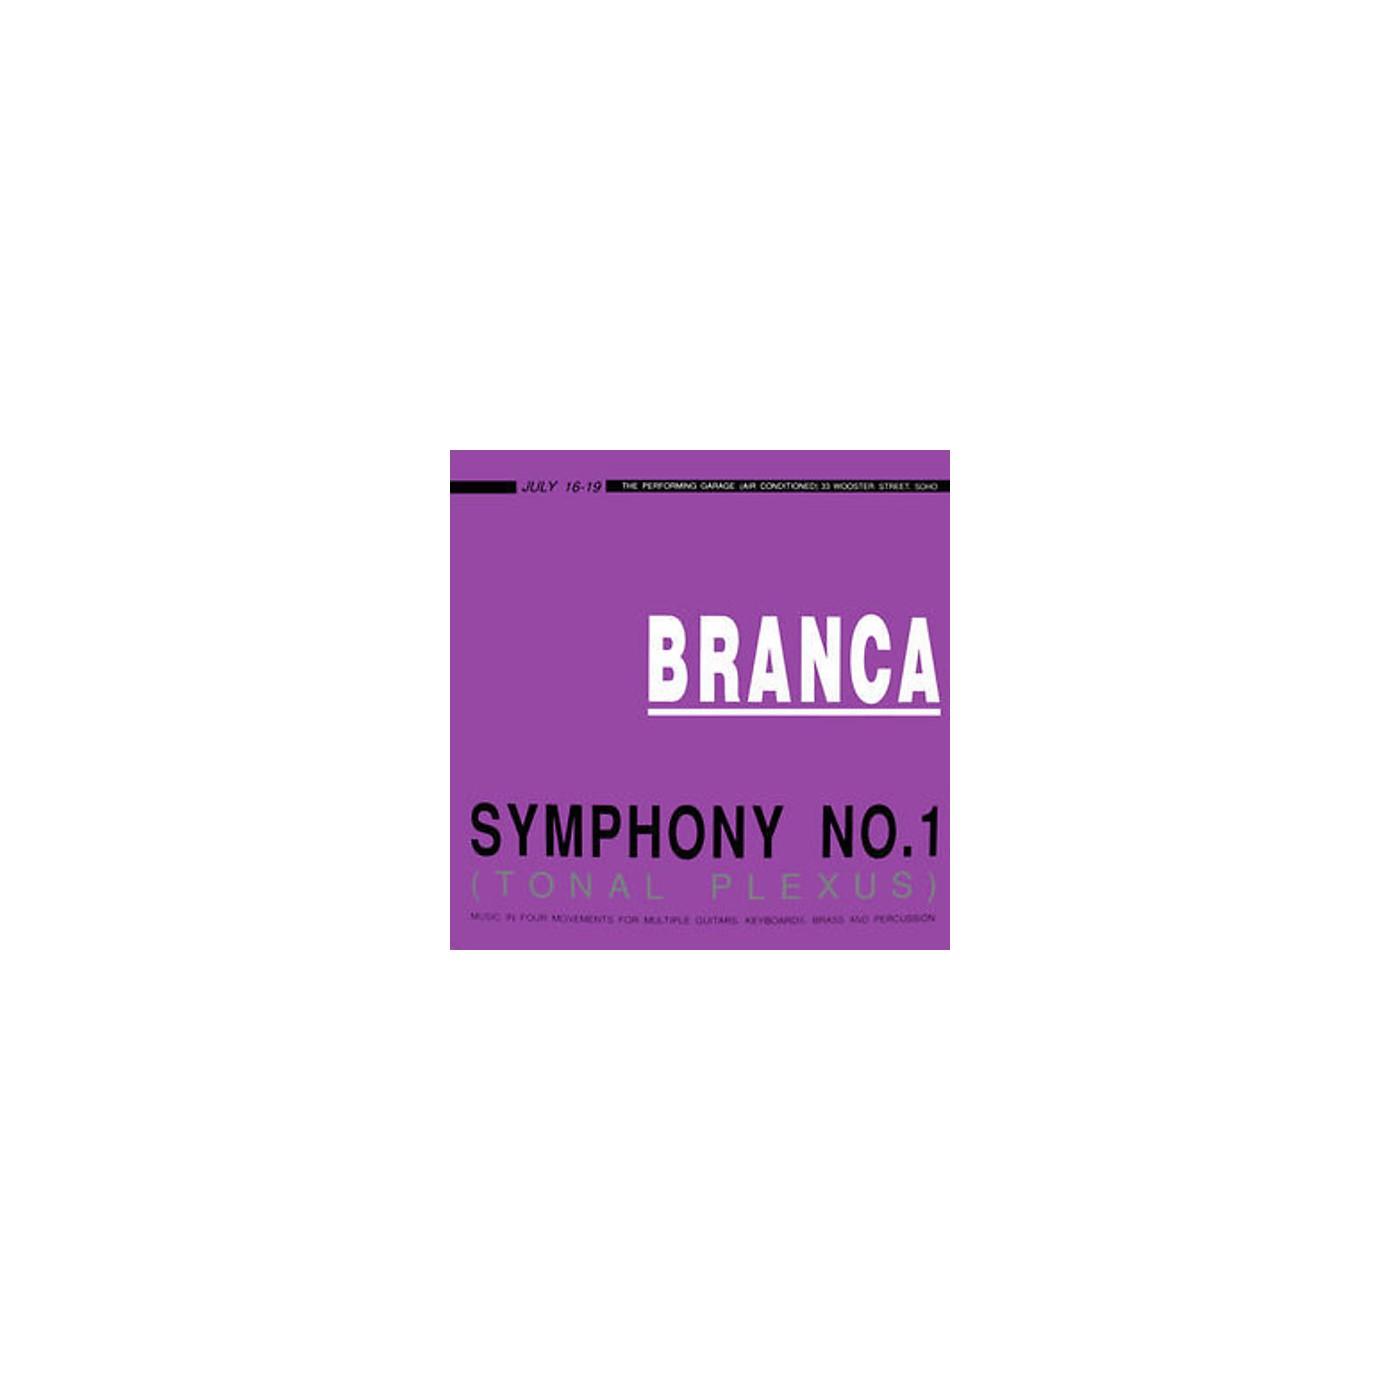 Alliance Glenn Branca - Symphony No. 1 (Tonal Plexus) thumbnail